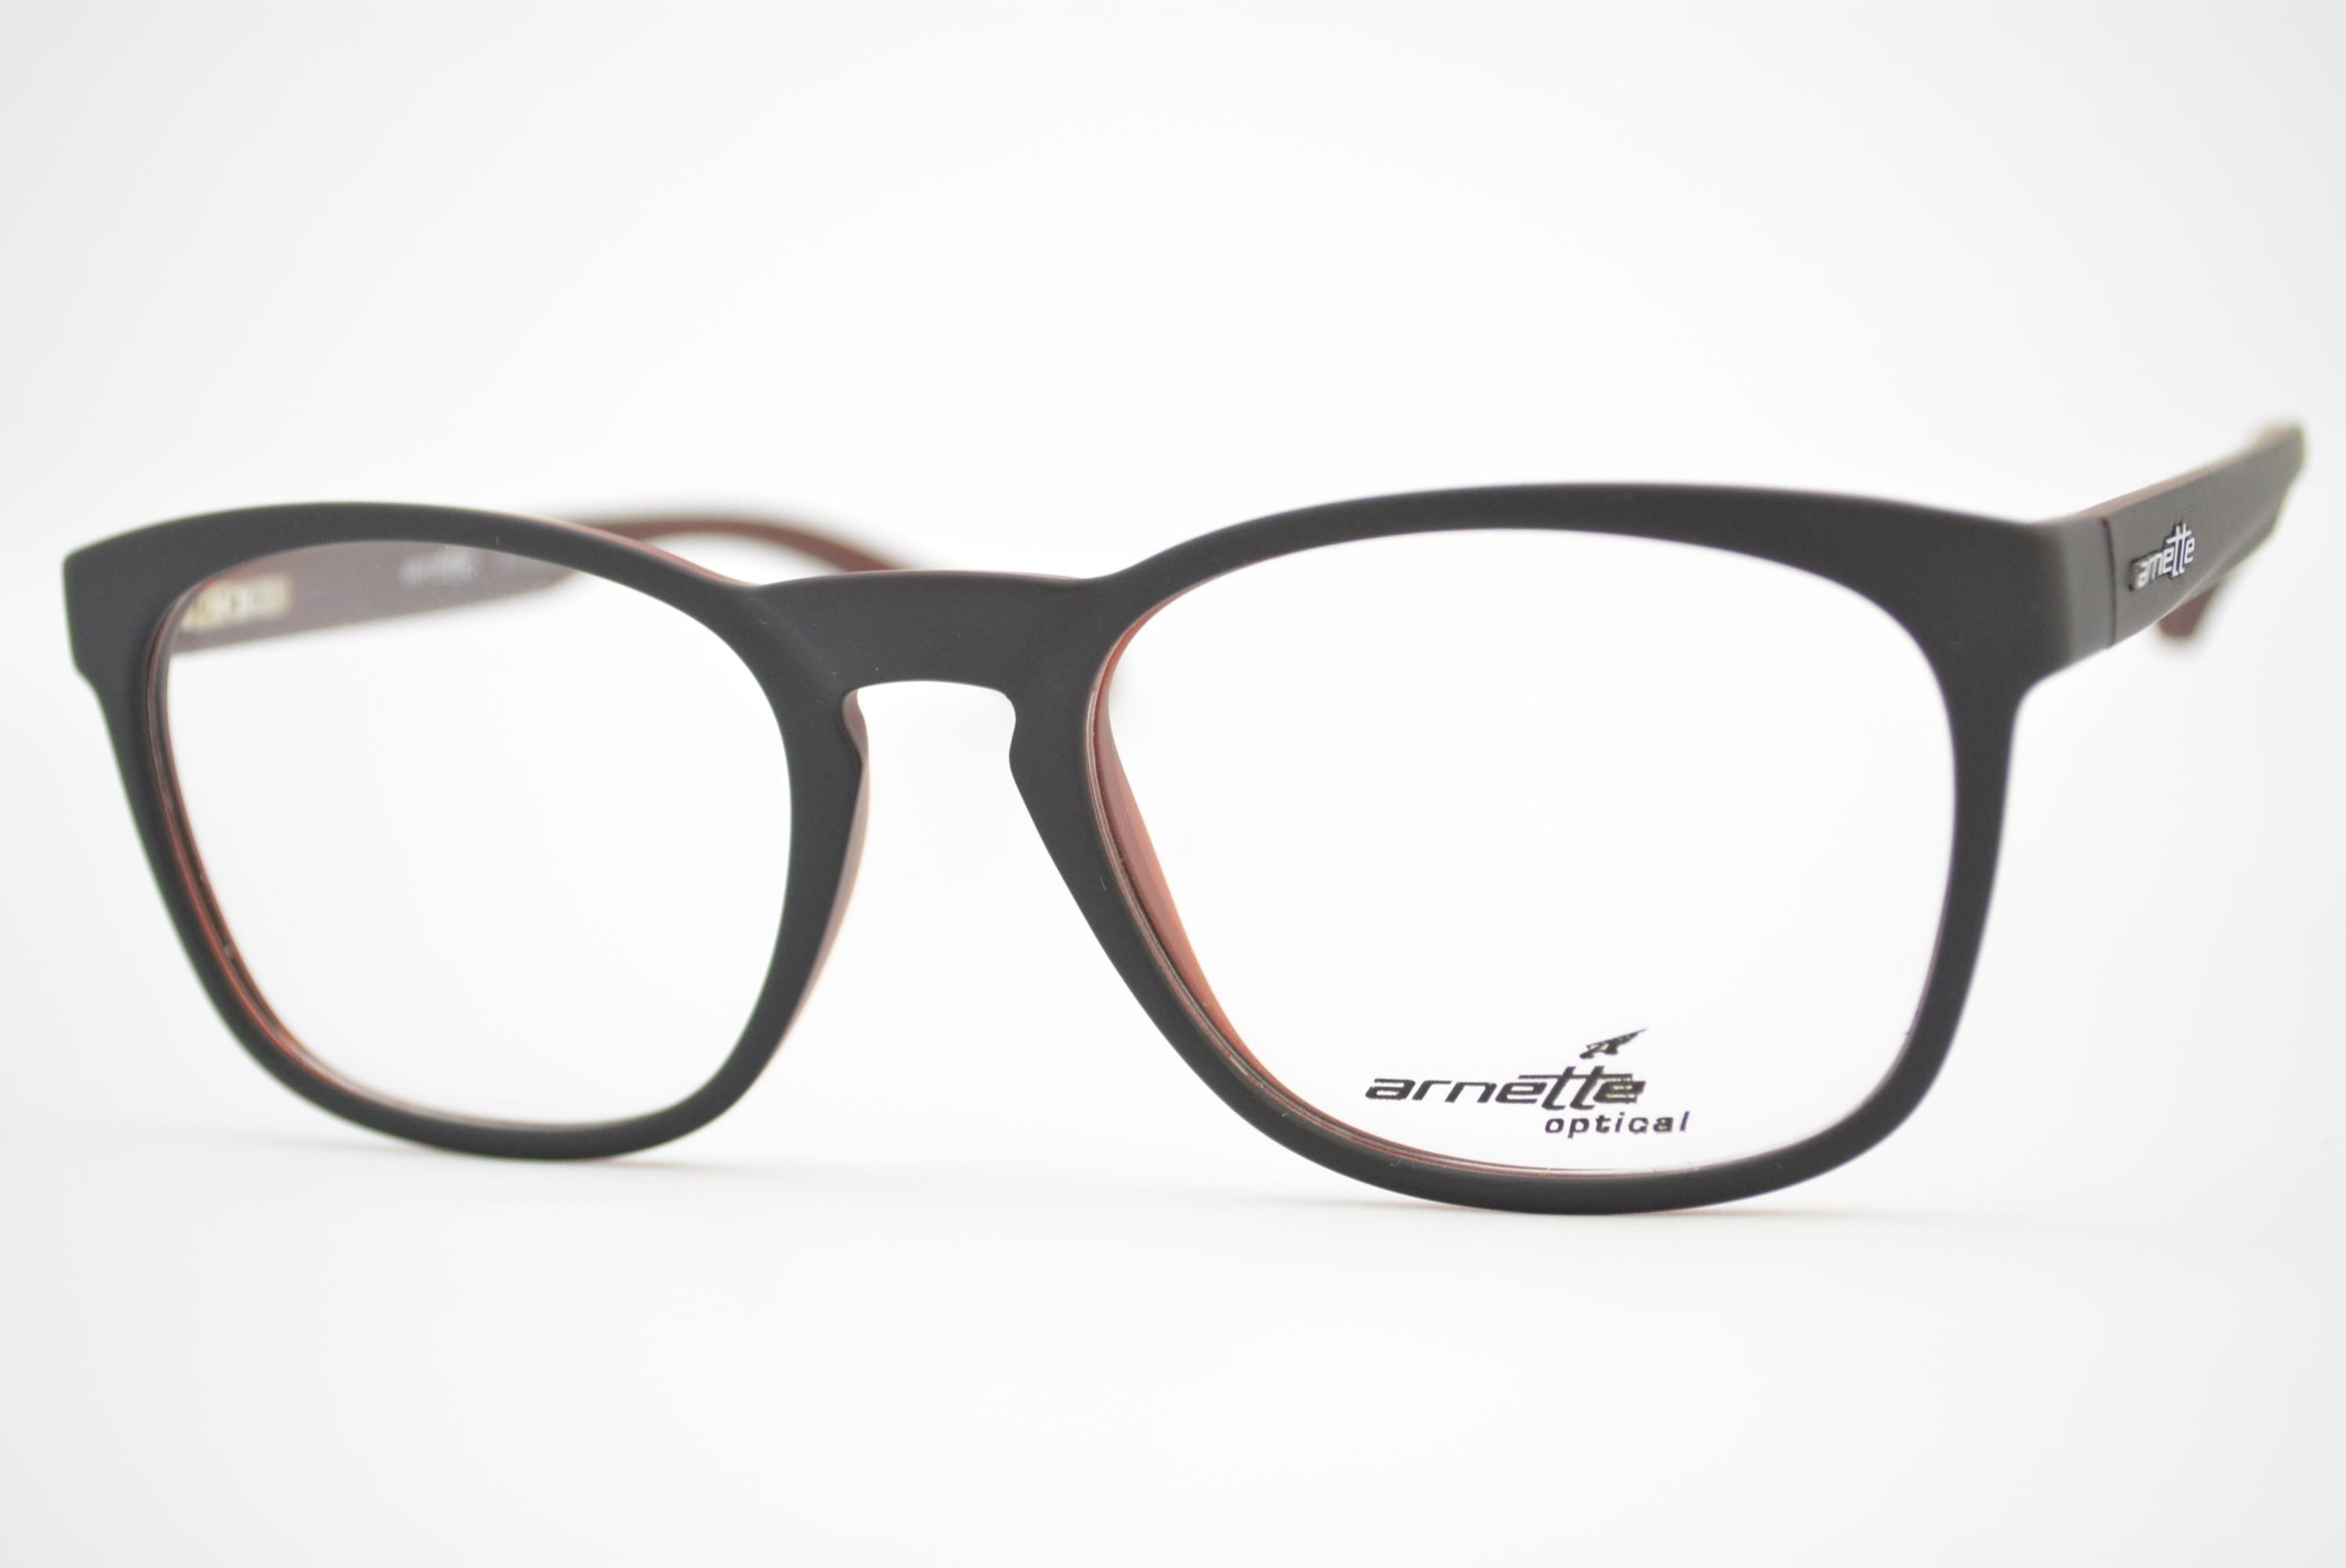 a16c9196f3c4f armação de óculos Arnette mod an7103L 2240 Ótica Cardoso